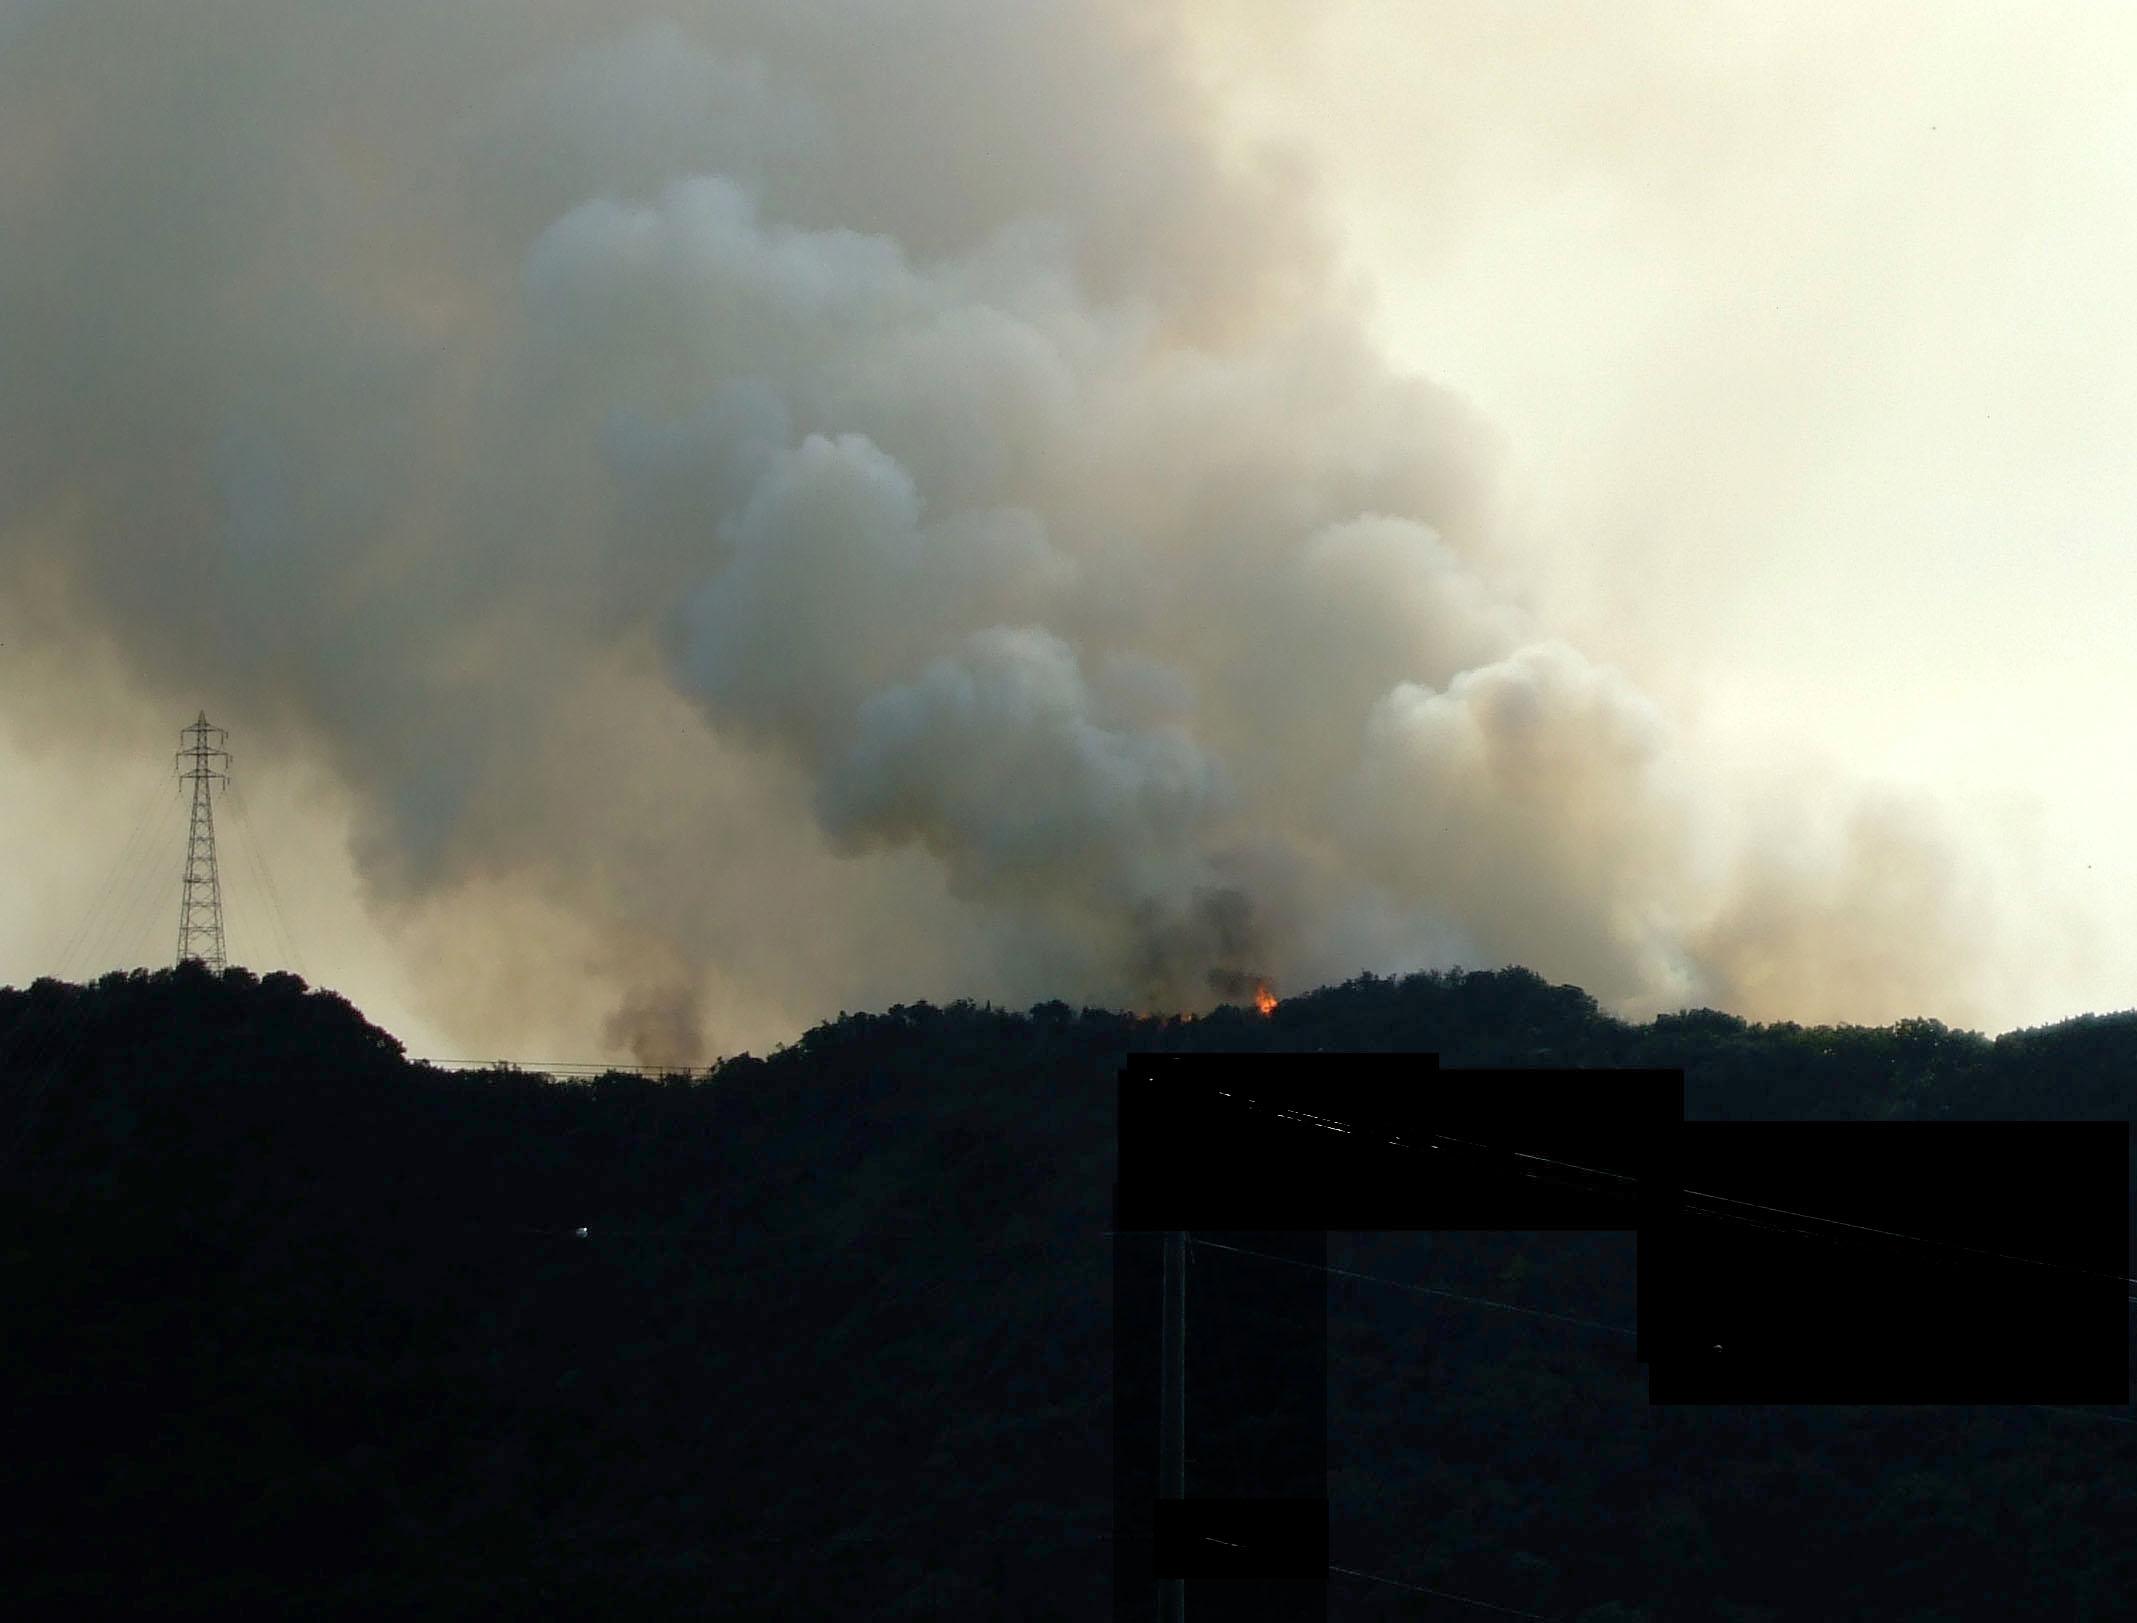 対岸の山火事           _d0141987_23201577.jpg